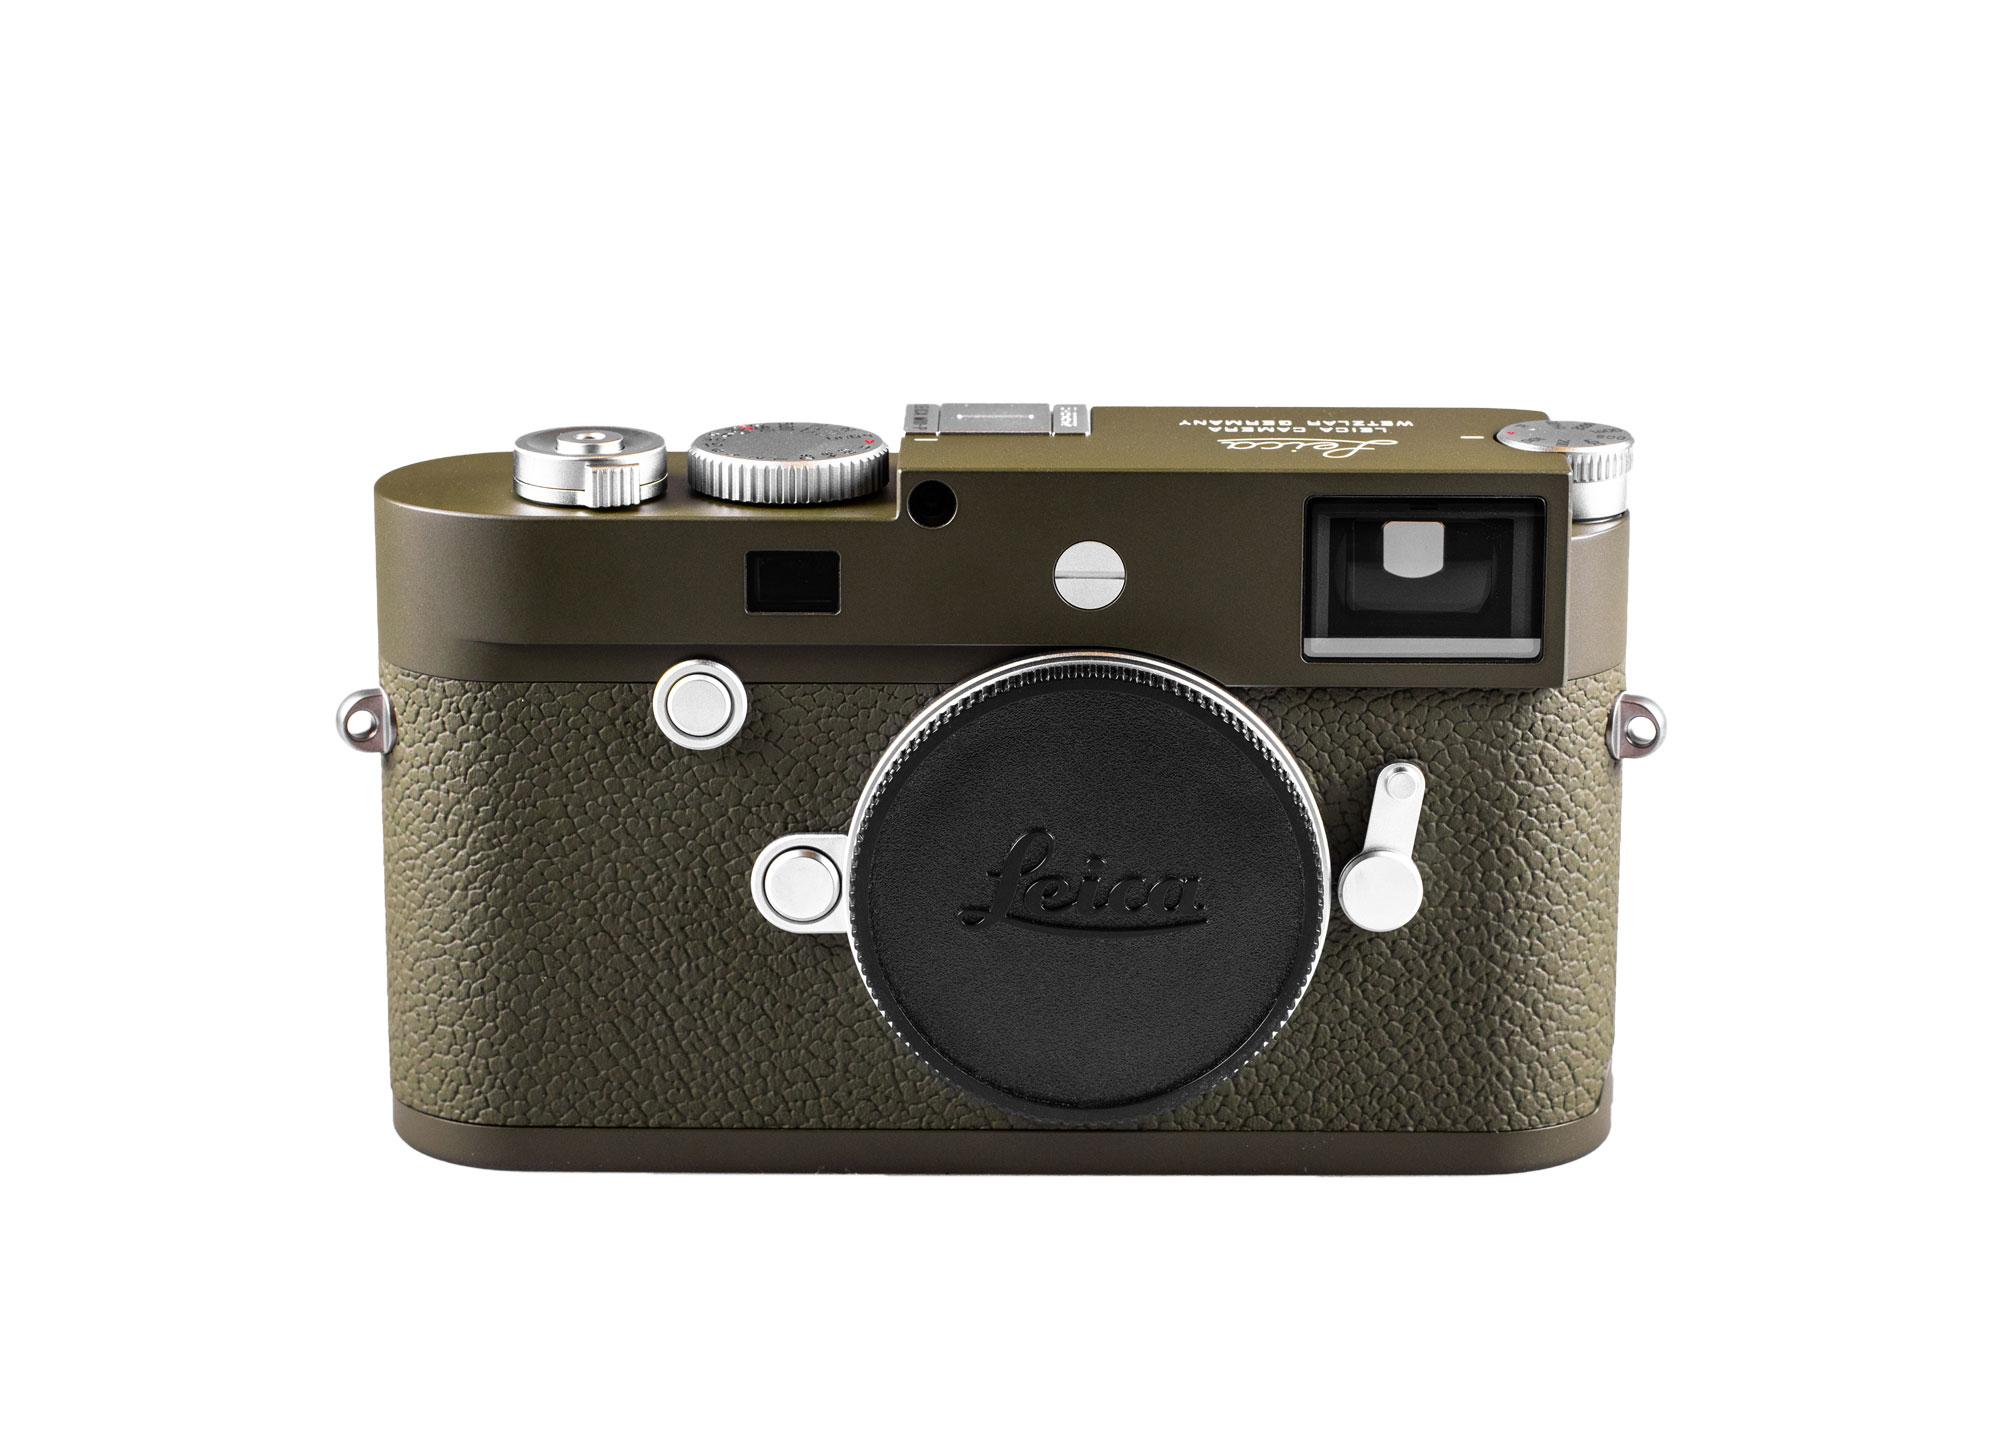 Leica Entfernungsmesser Kaufen : Leica m digital system kameras produkte